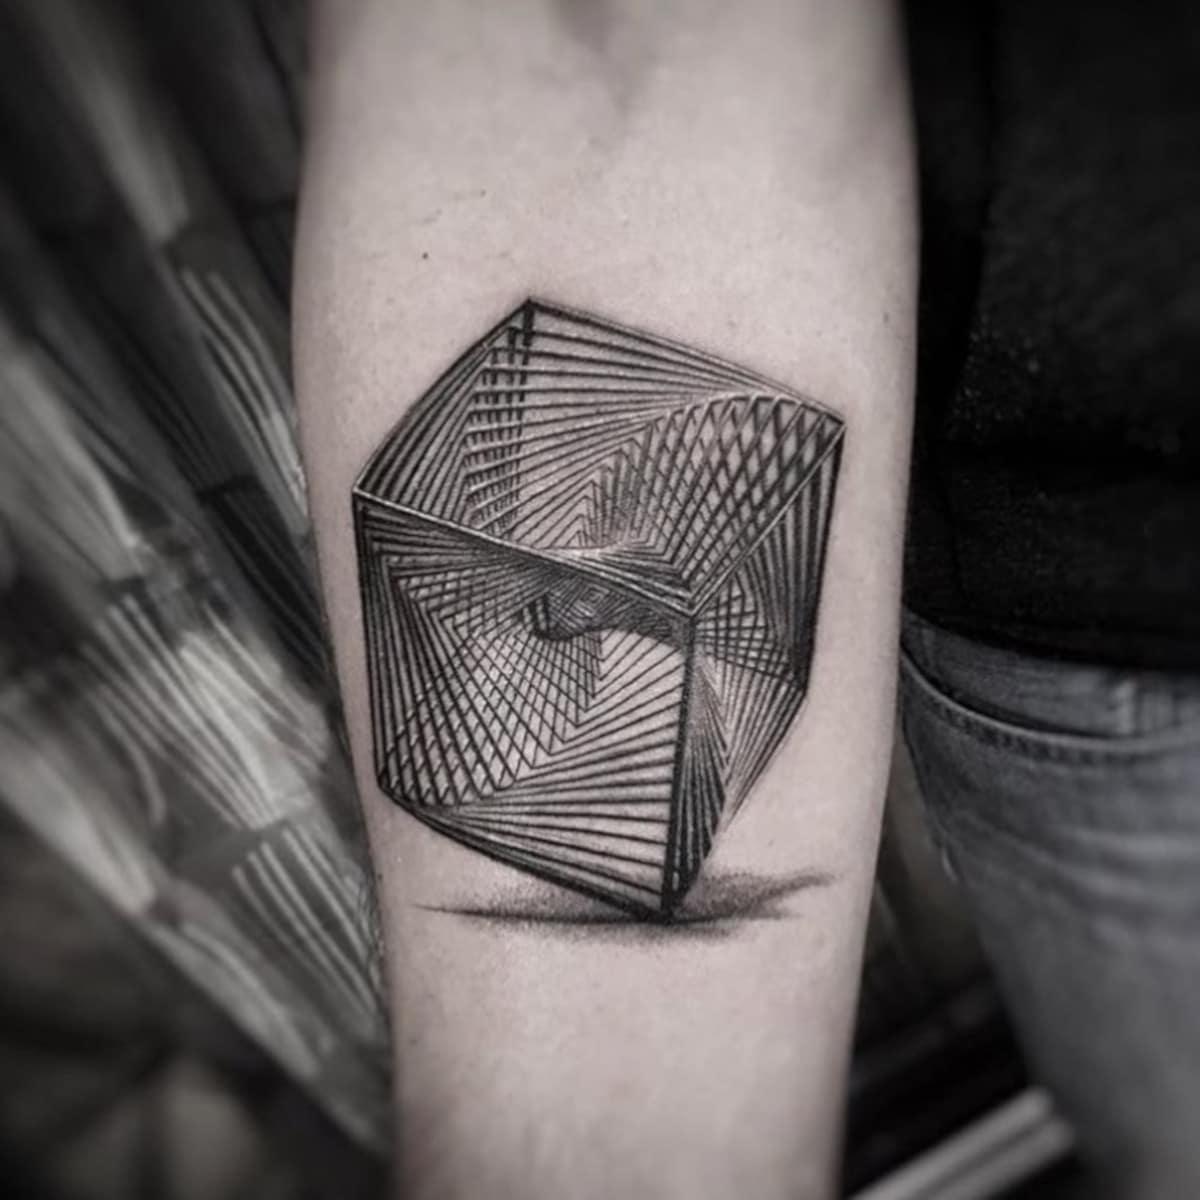 Tatuaje Cubista